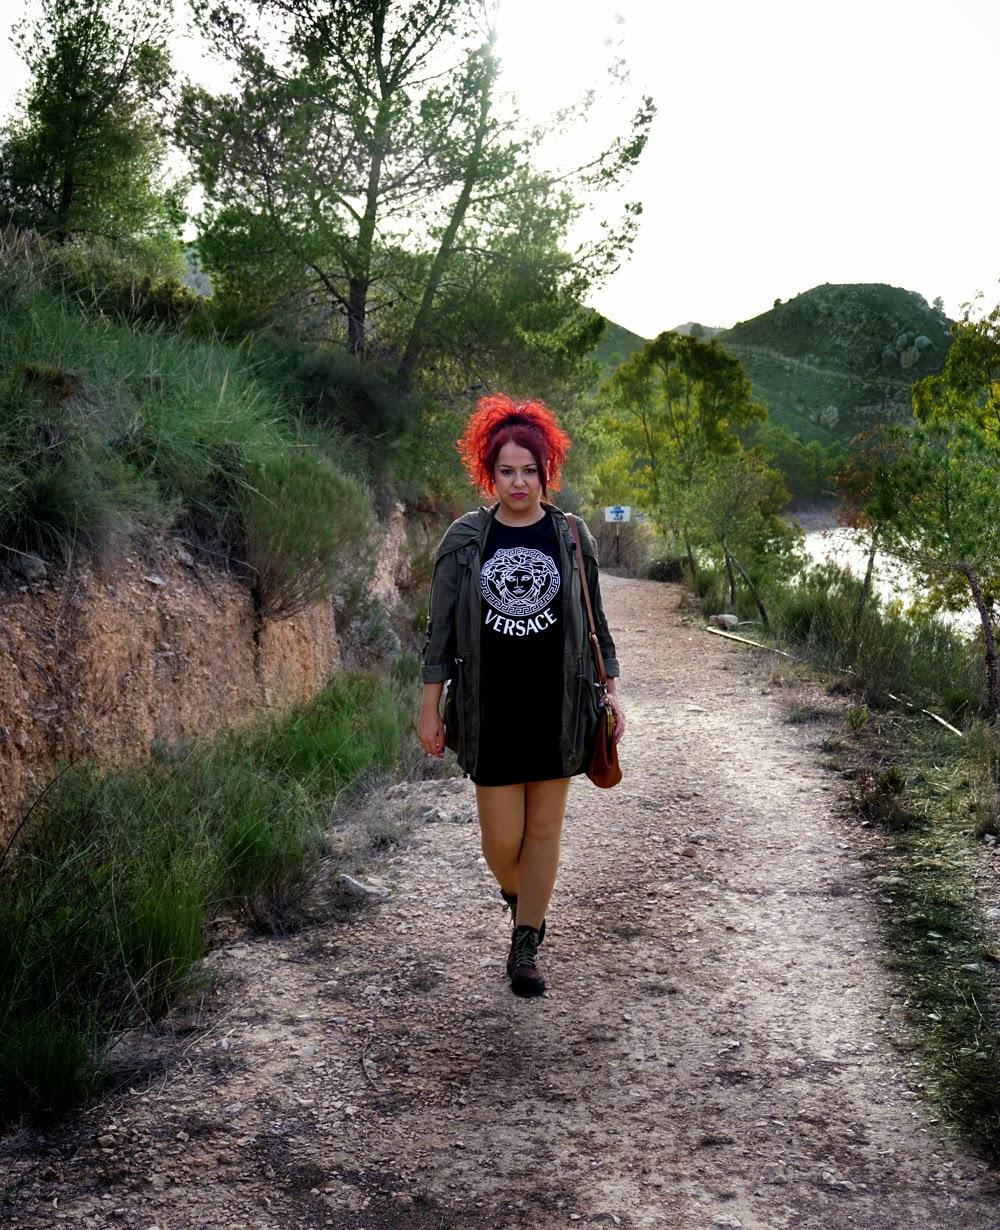 Tendencia Milita-Camiseta Versace